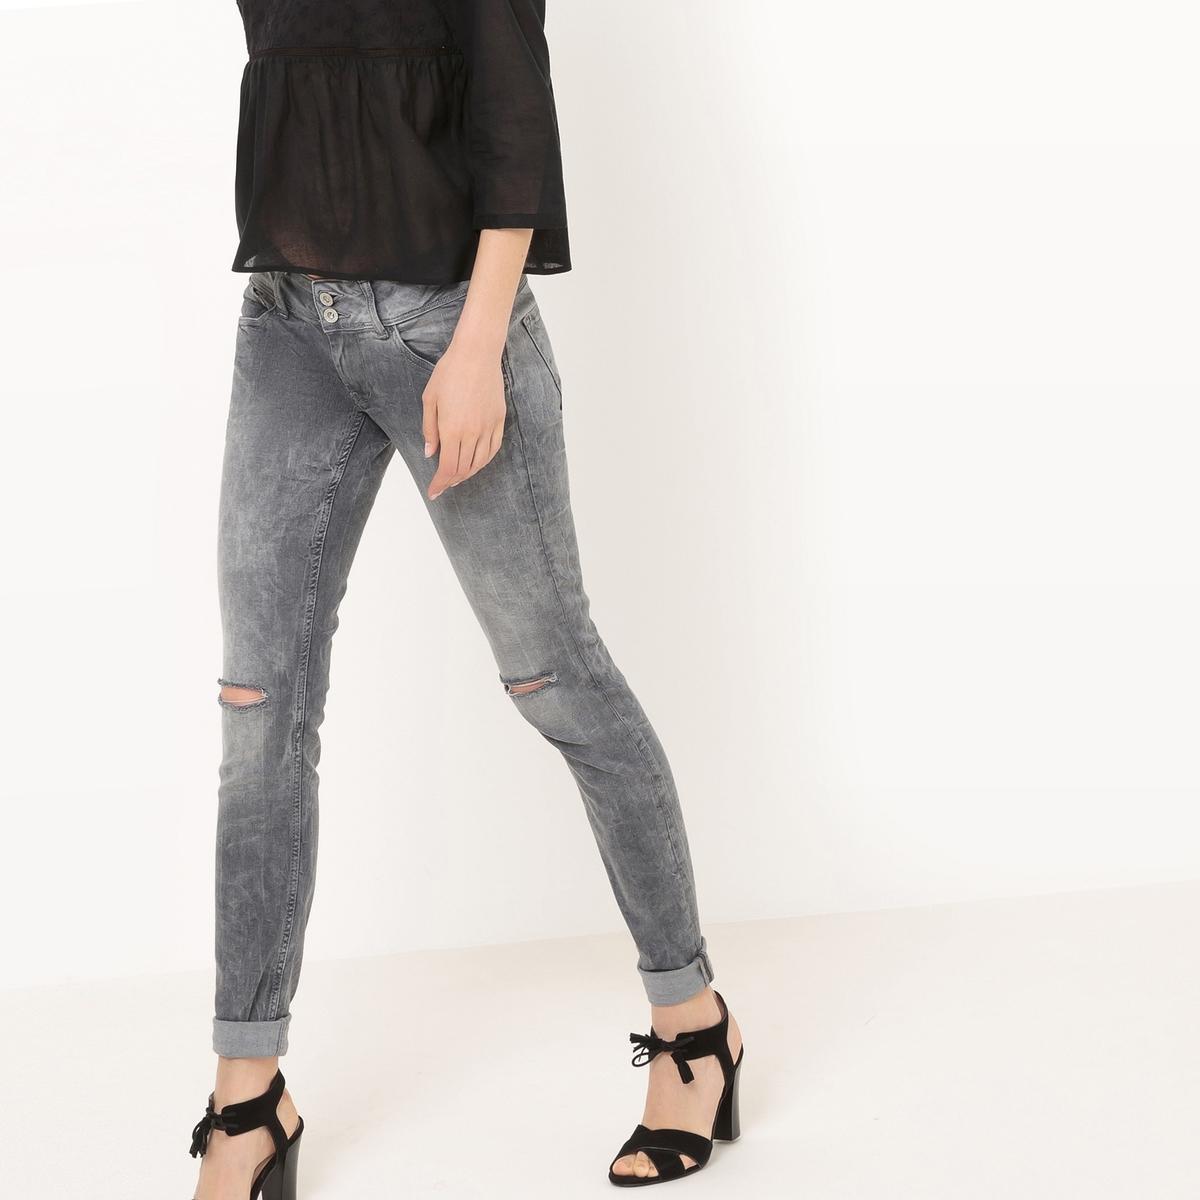 Узкие джинсыДетали •  Узкие •  Стандартная талия Состав и уход •  98% хлопка, 2% эластана •  Следуйте советам по уходу, указанным на этикетке<br><br>Цвет: серый<br>Размер: 29 длина 32